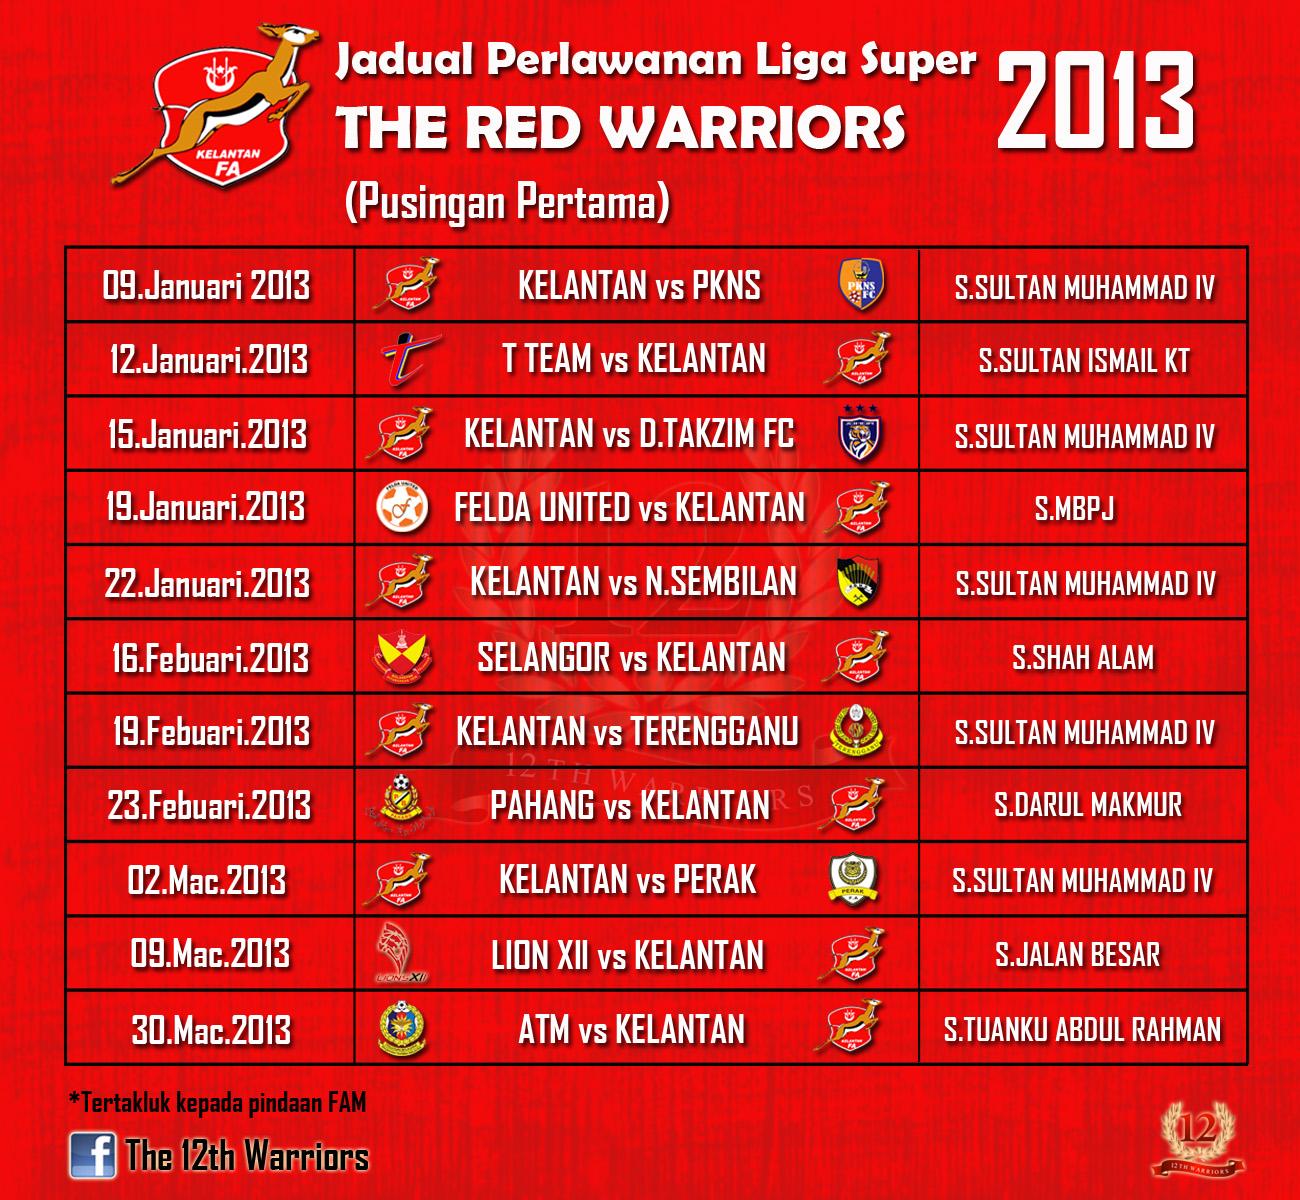 liga perdana+ 2013 jpg jadual perlawanan liga super malaysia 2014